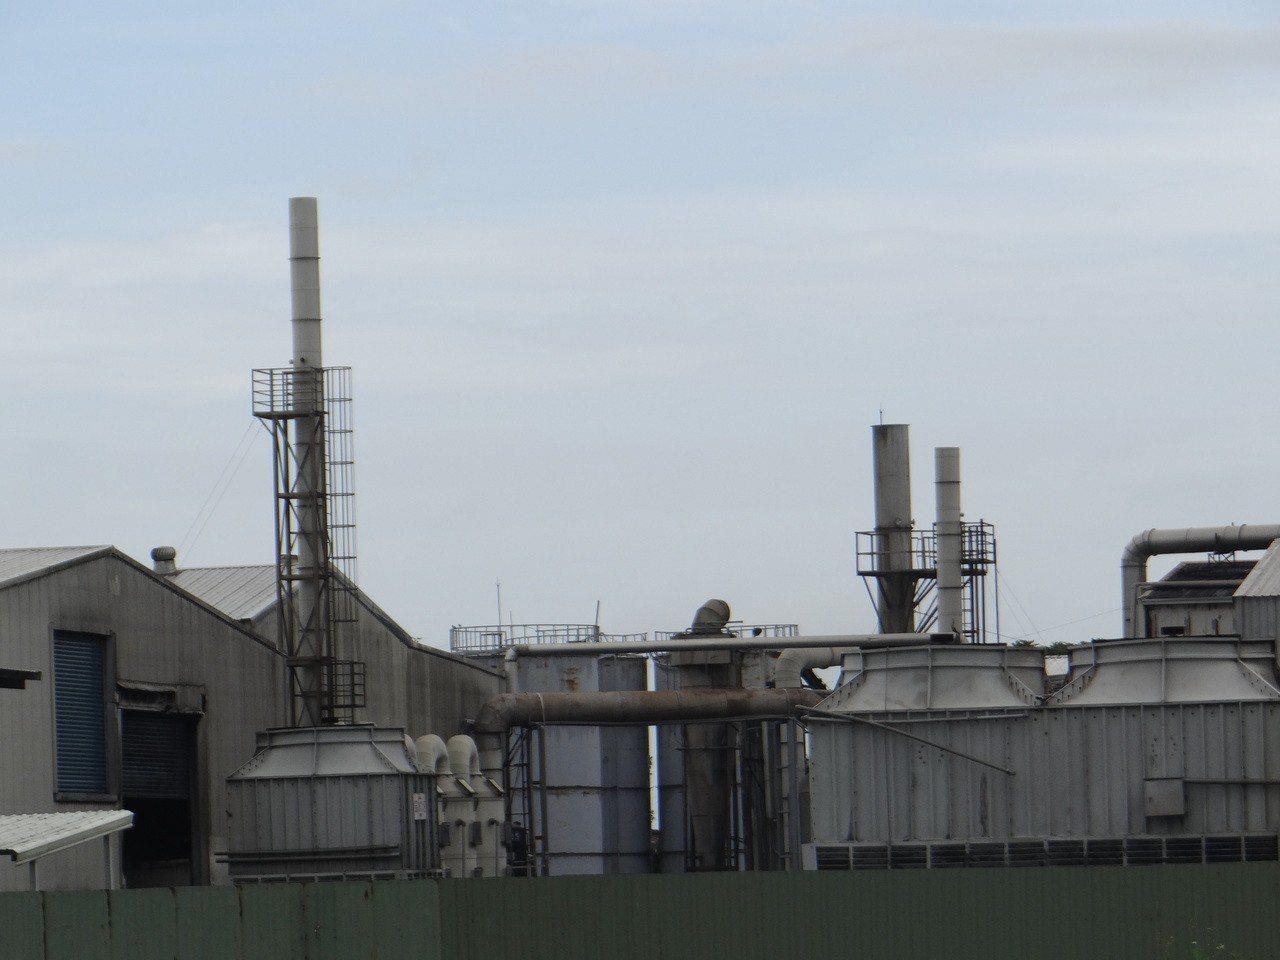 褒忠鄉金海龍化製廠是國內規模屬一屬二的化製廠,但長期散發臭氣,村民揚言用水泥封堵...